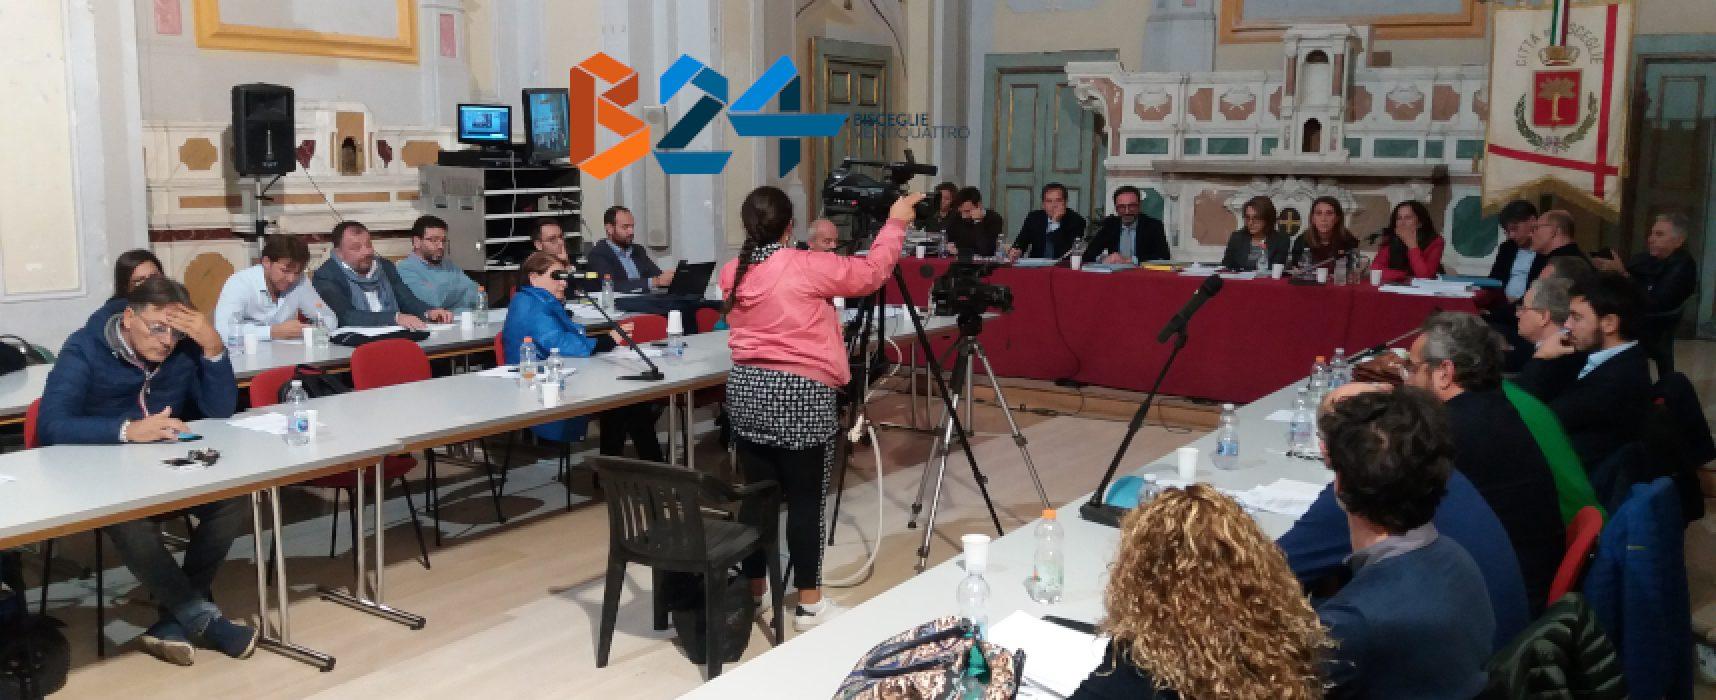 Consiglio comunale, approvato il Piano sociale di zona dopo un lungo dibattito